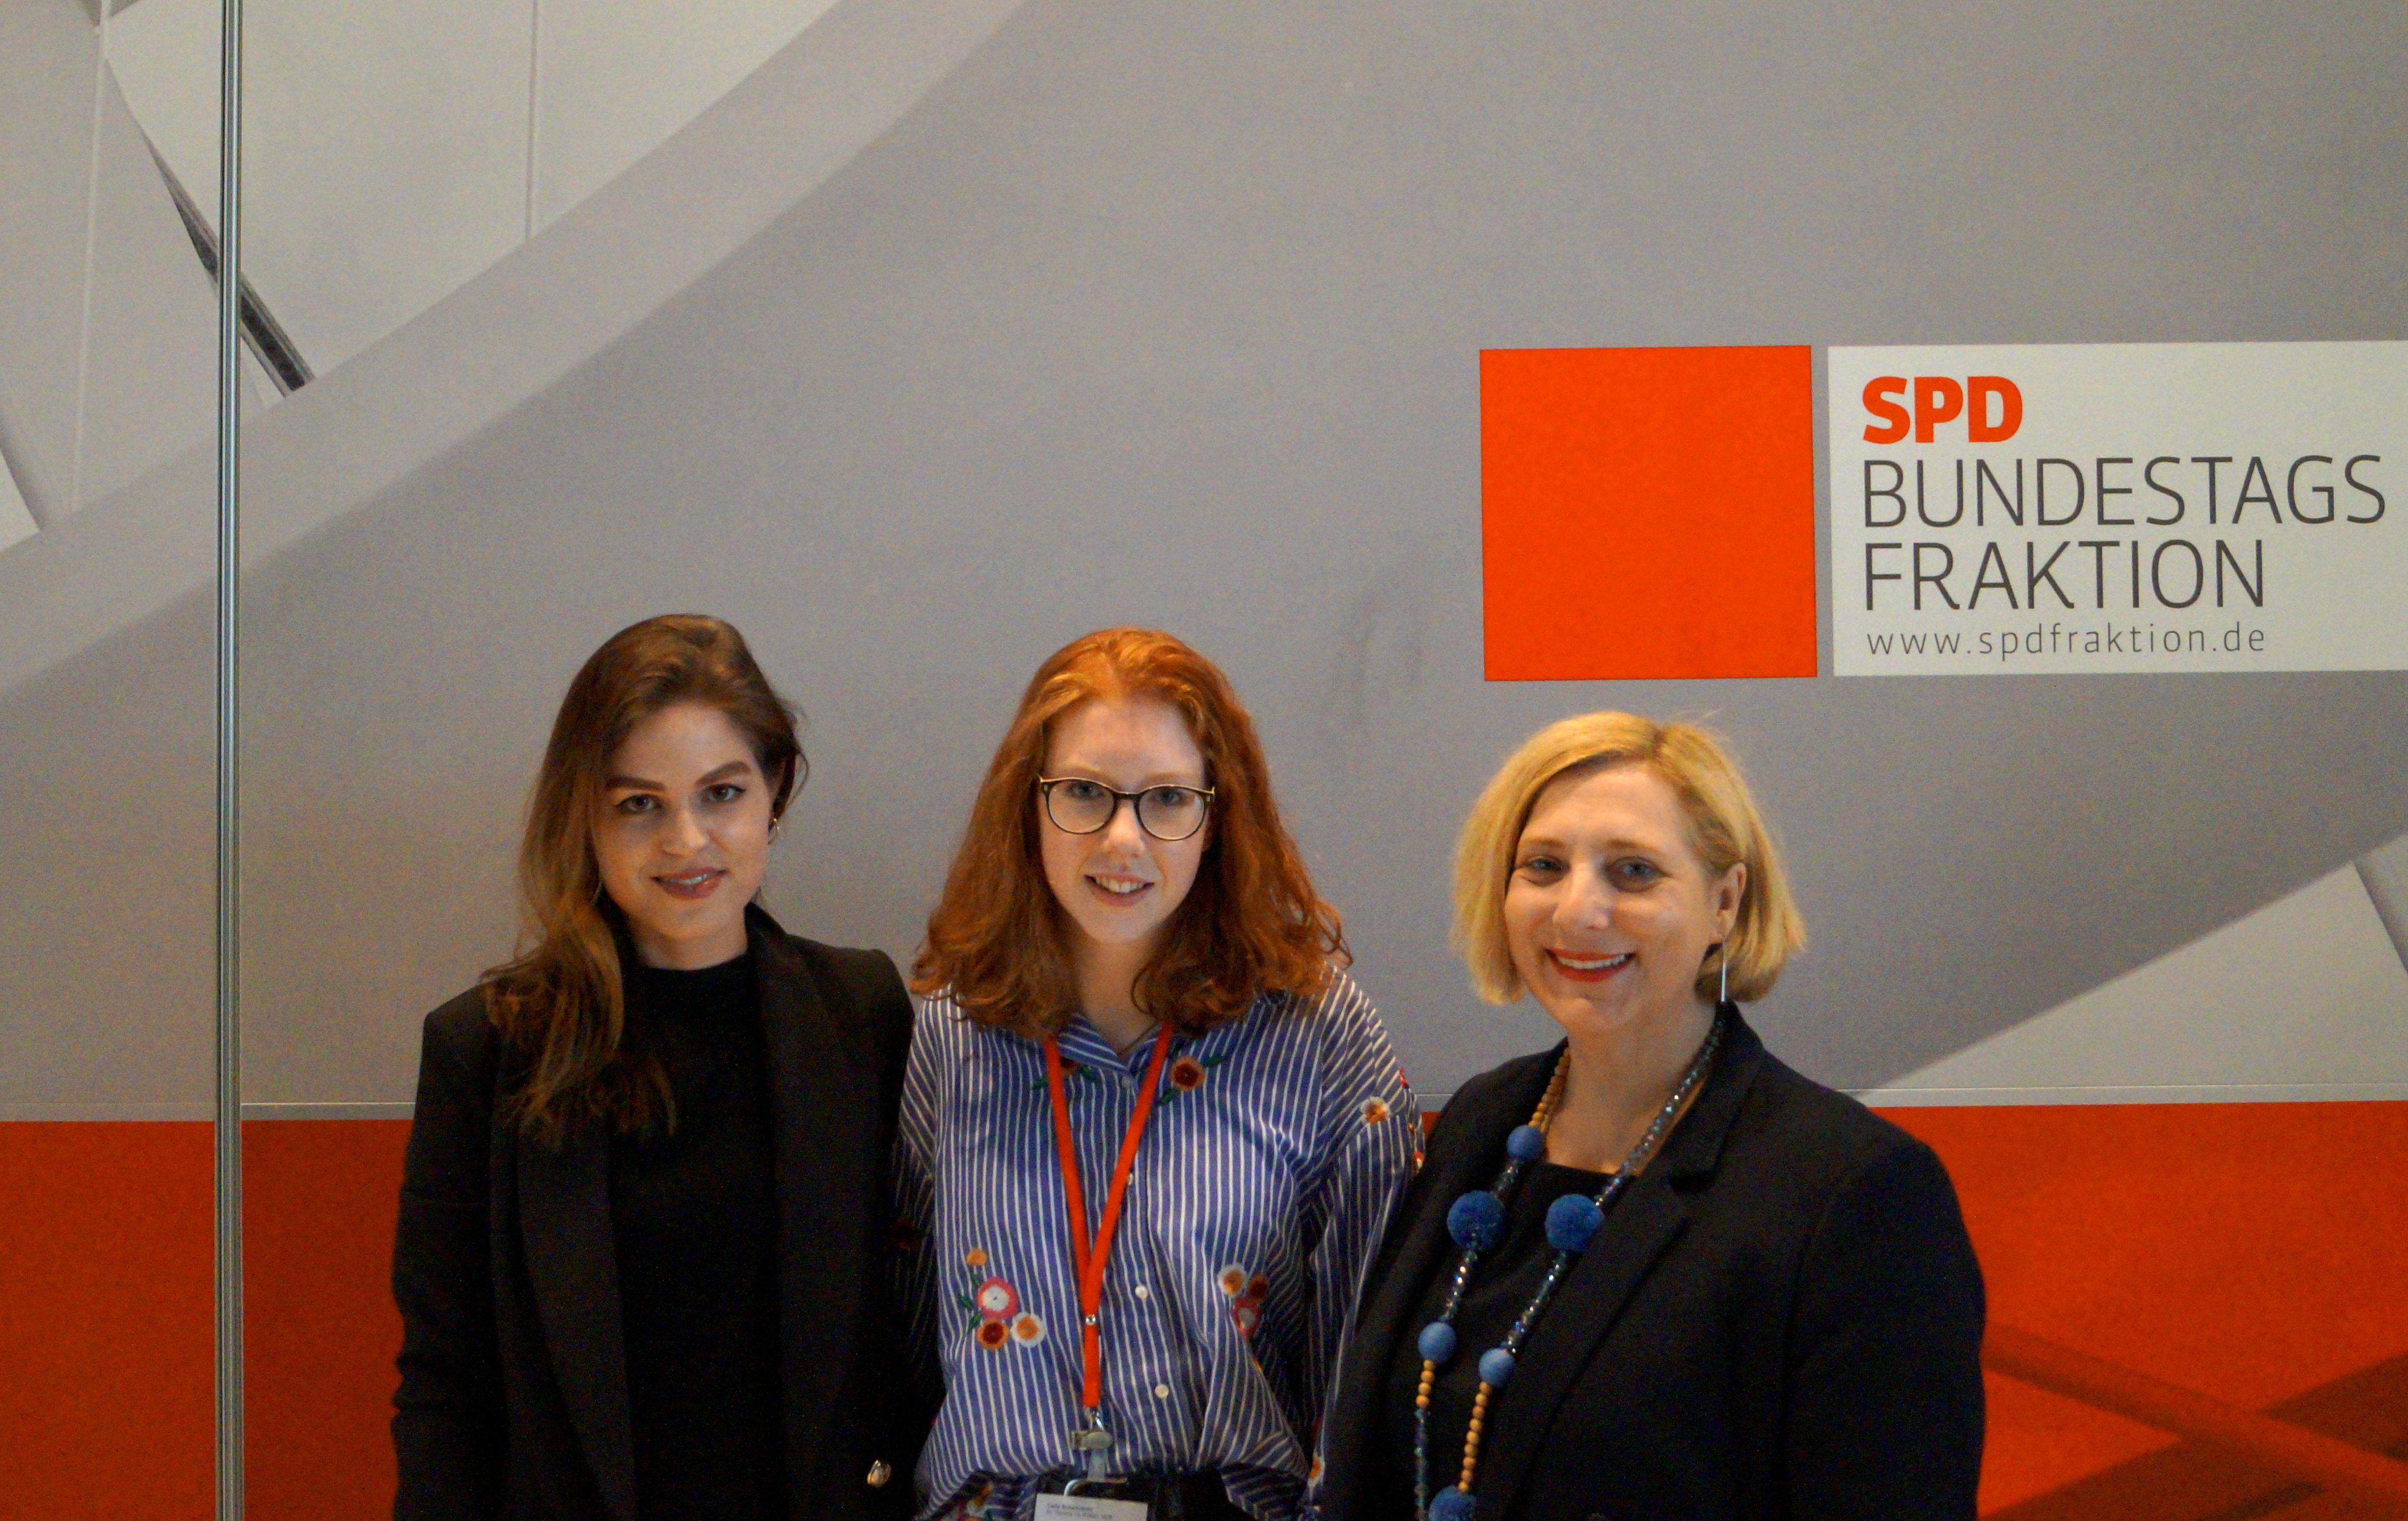 V.l.n.r. - Lena Schröder (Wissenschaftliche Mitarbeiterin Büro De Ridder), Carla Schwindeler und Dr. Daniela De Ridder